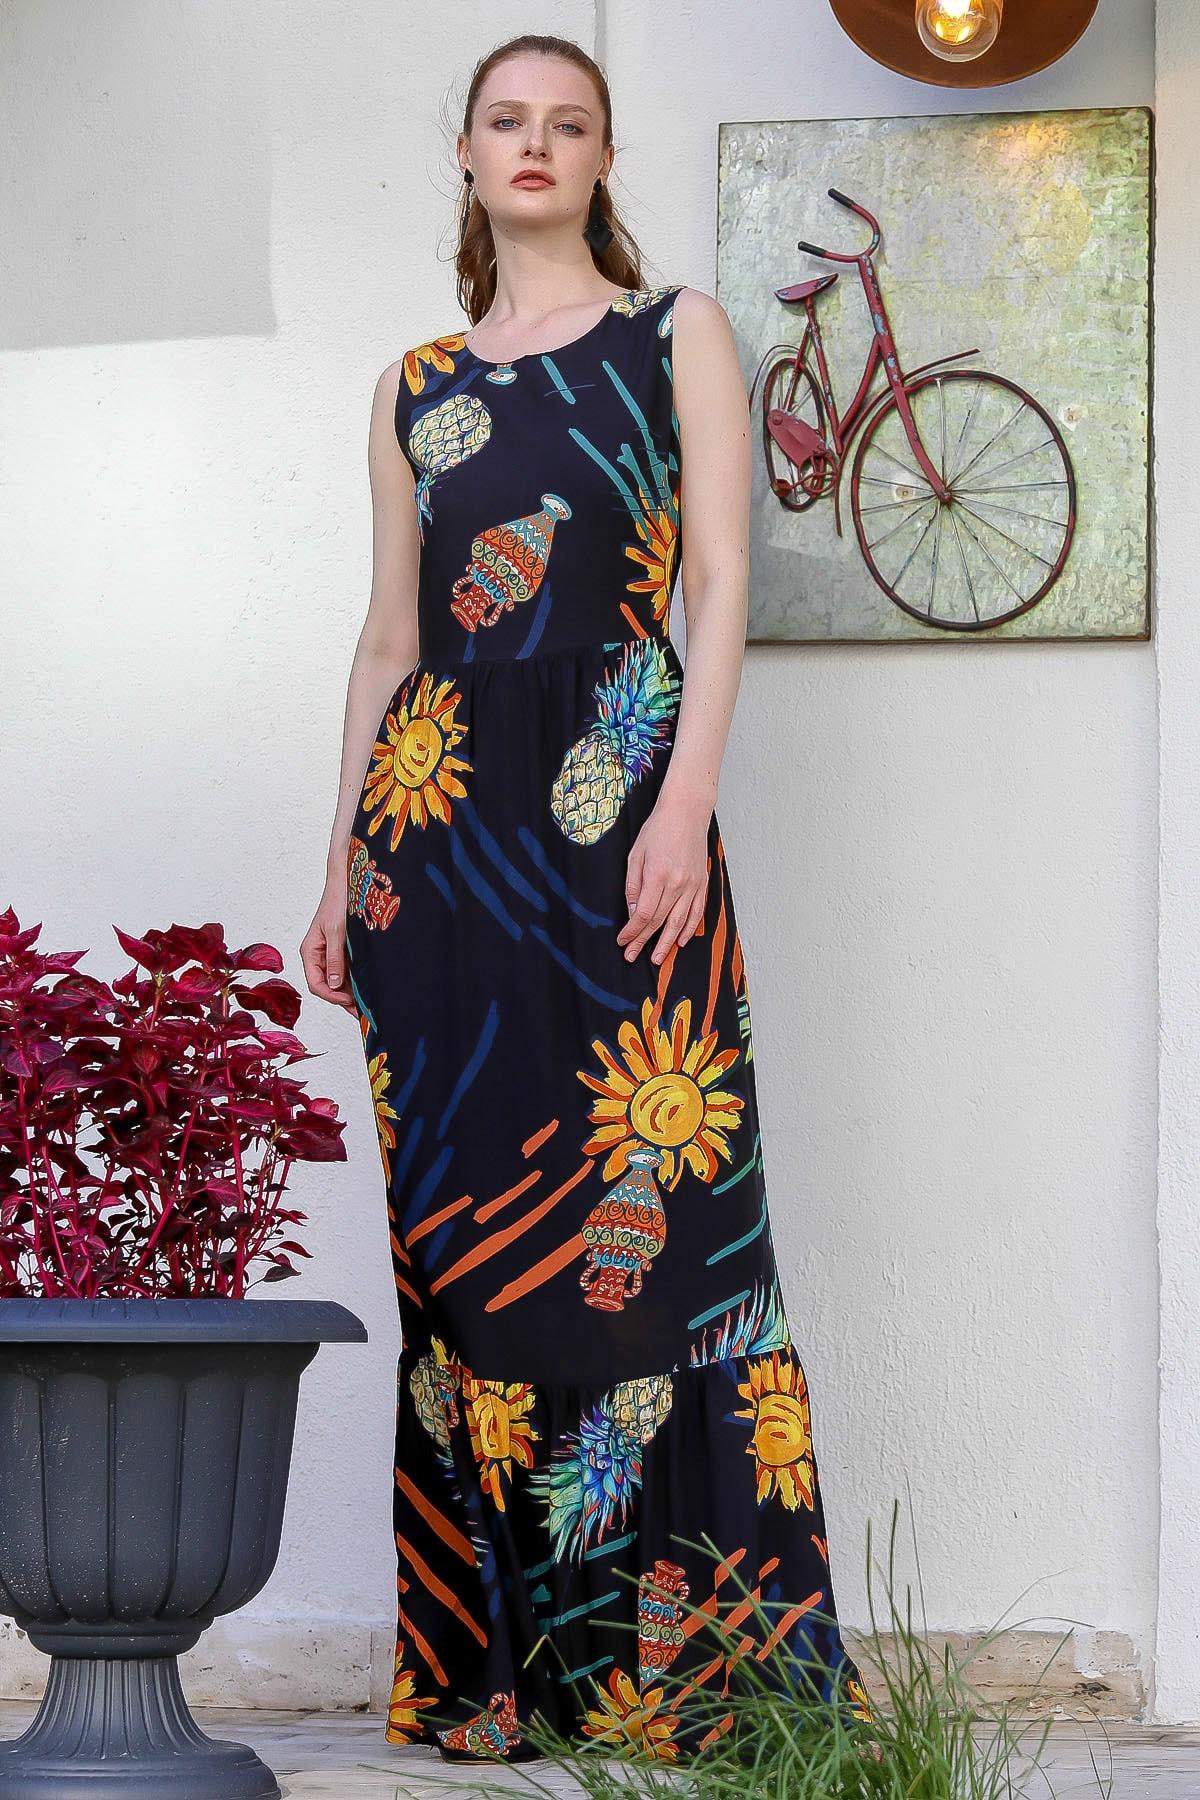 Chiccy Kadın Siyah Sıfır Yaka Ananas Desenli Astarlı Fermuarlı Dokuma Uzun Elbise M10160000El94772 3